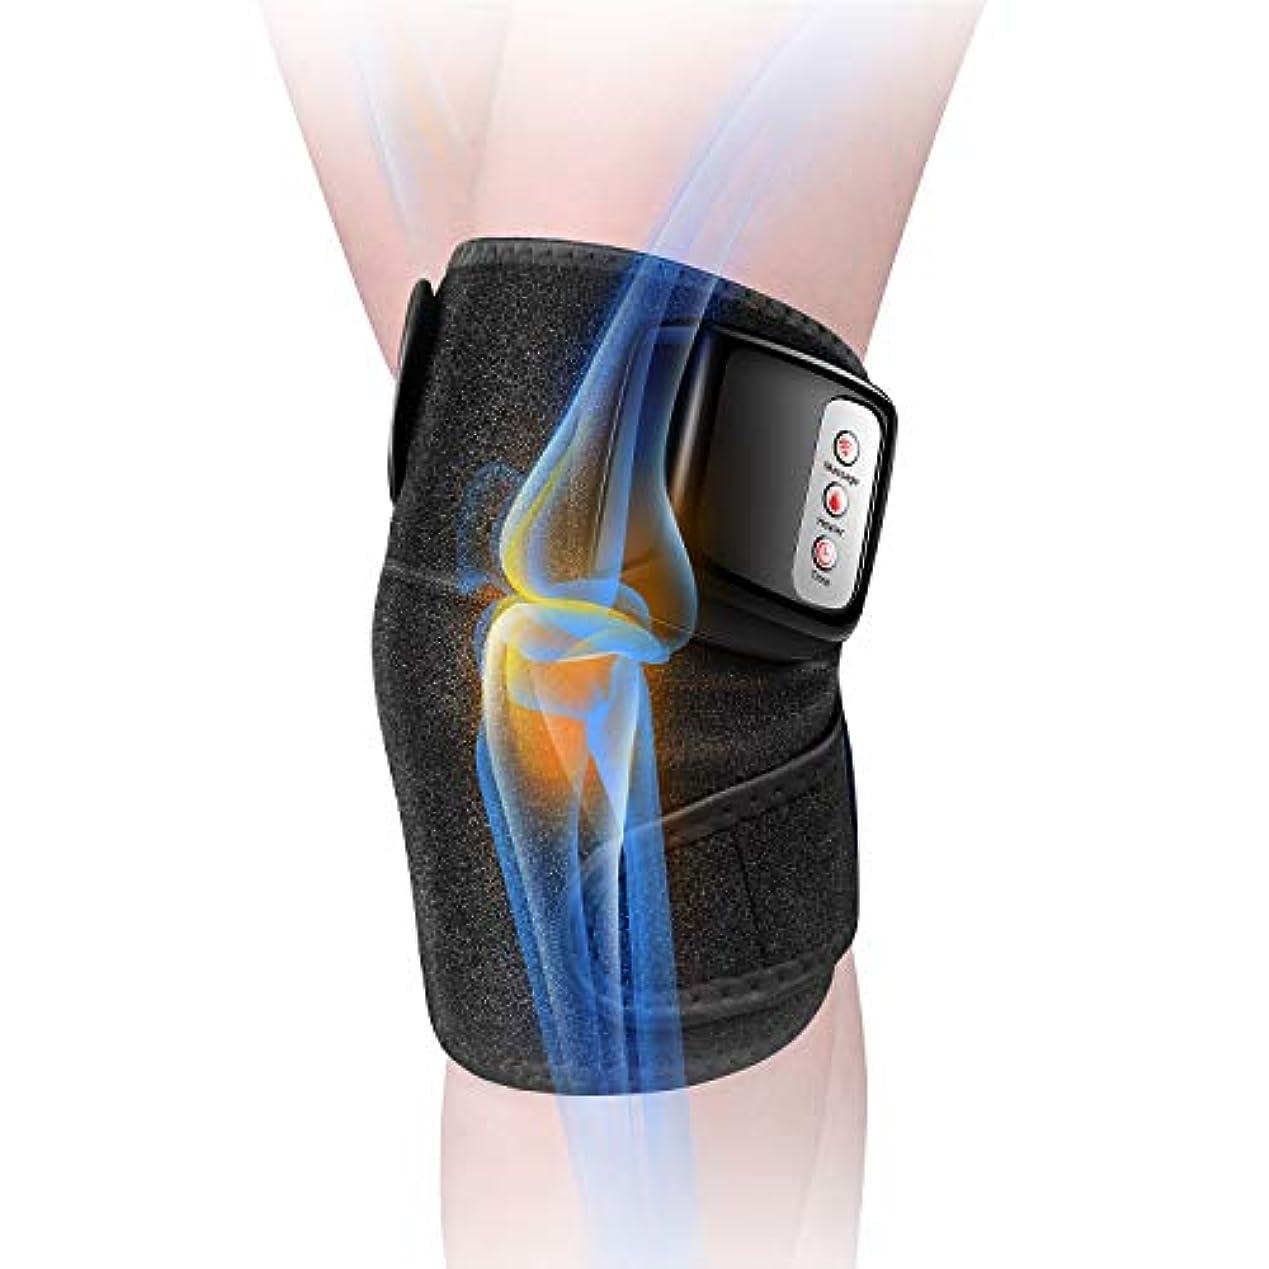 霜排気途方もない膝マッサージャー 関節マッサージャー マッサージ器 フットマッサージャー 振動 赤外線療法 温熱療法 膝サポーター ストレス解消 肩 太もも/腕対応